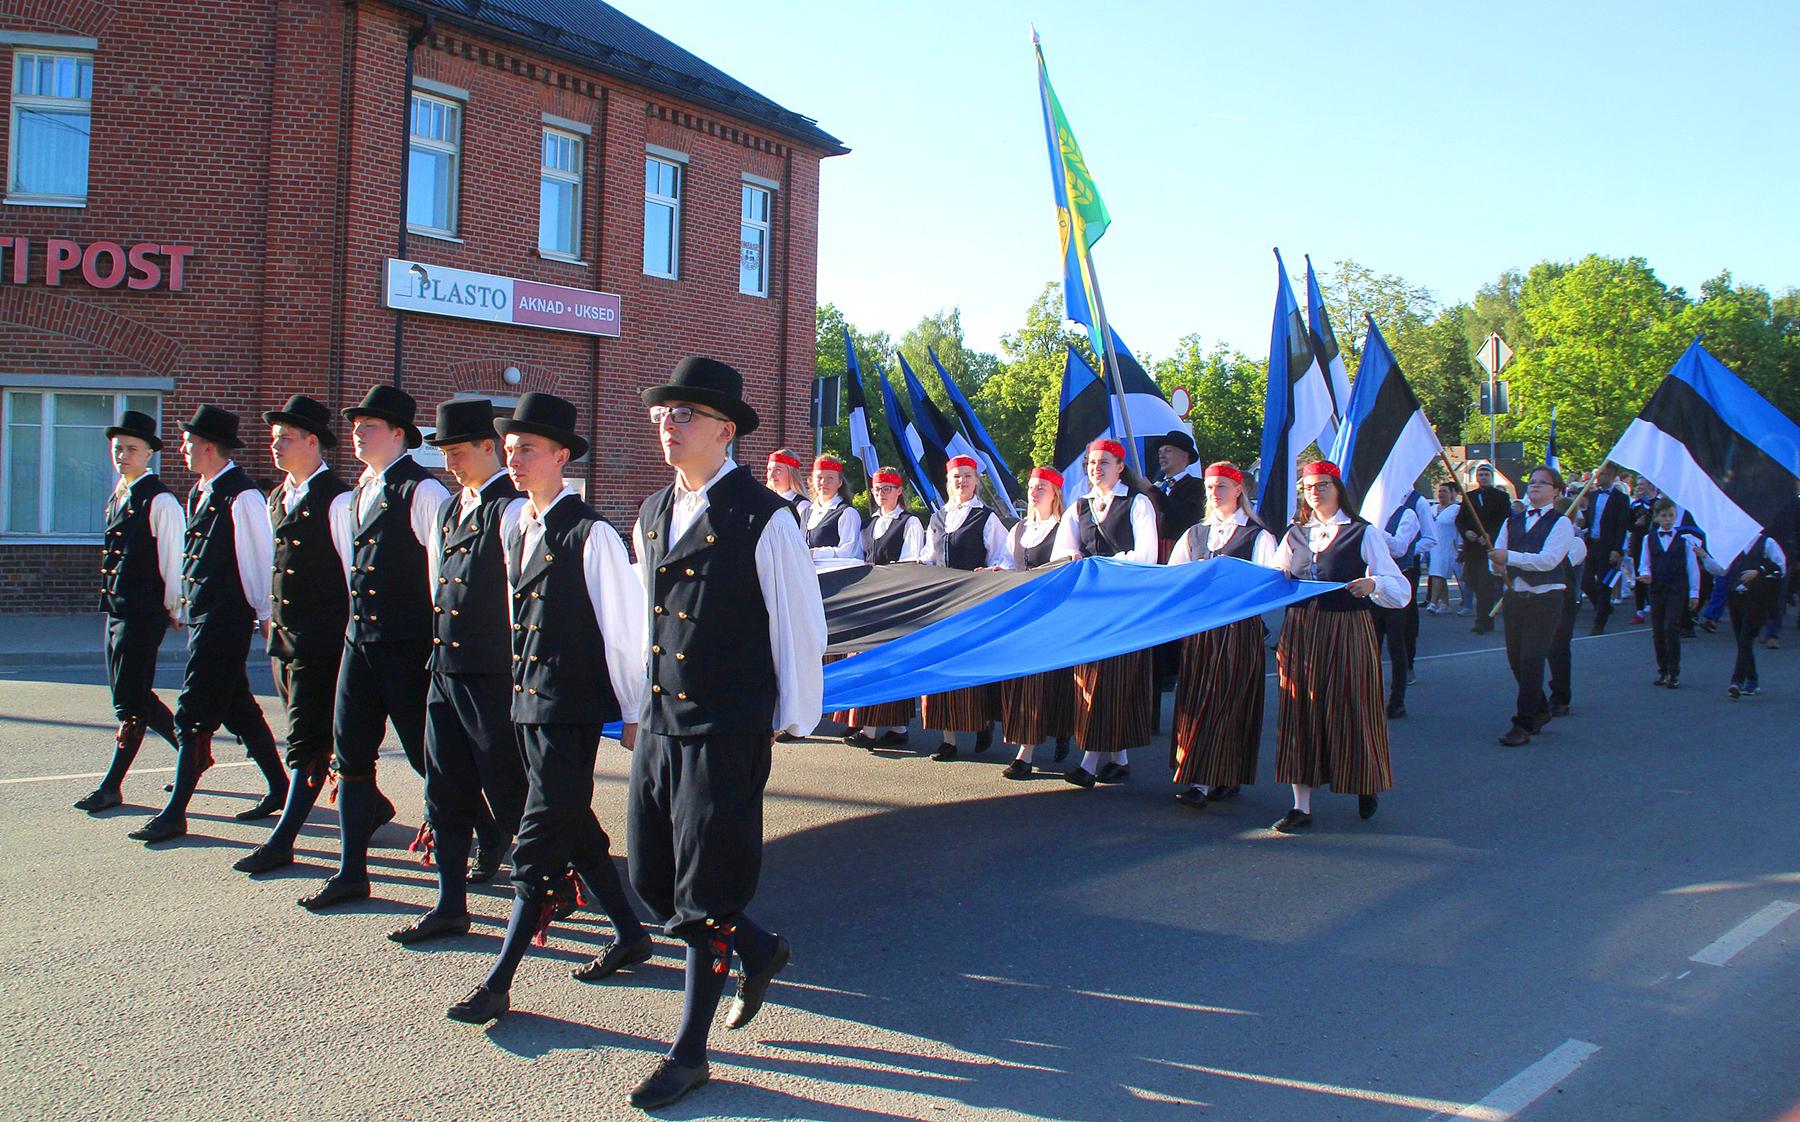 Eesti lipu 135. sünnipäeva tähistamine Põltsamaal. Foto Väino Valdmann